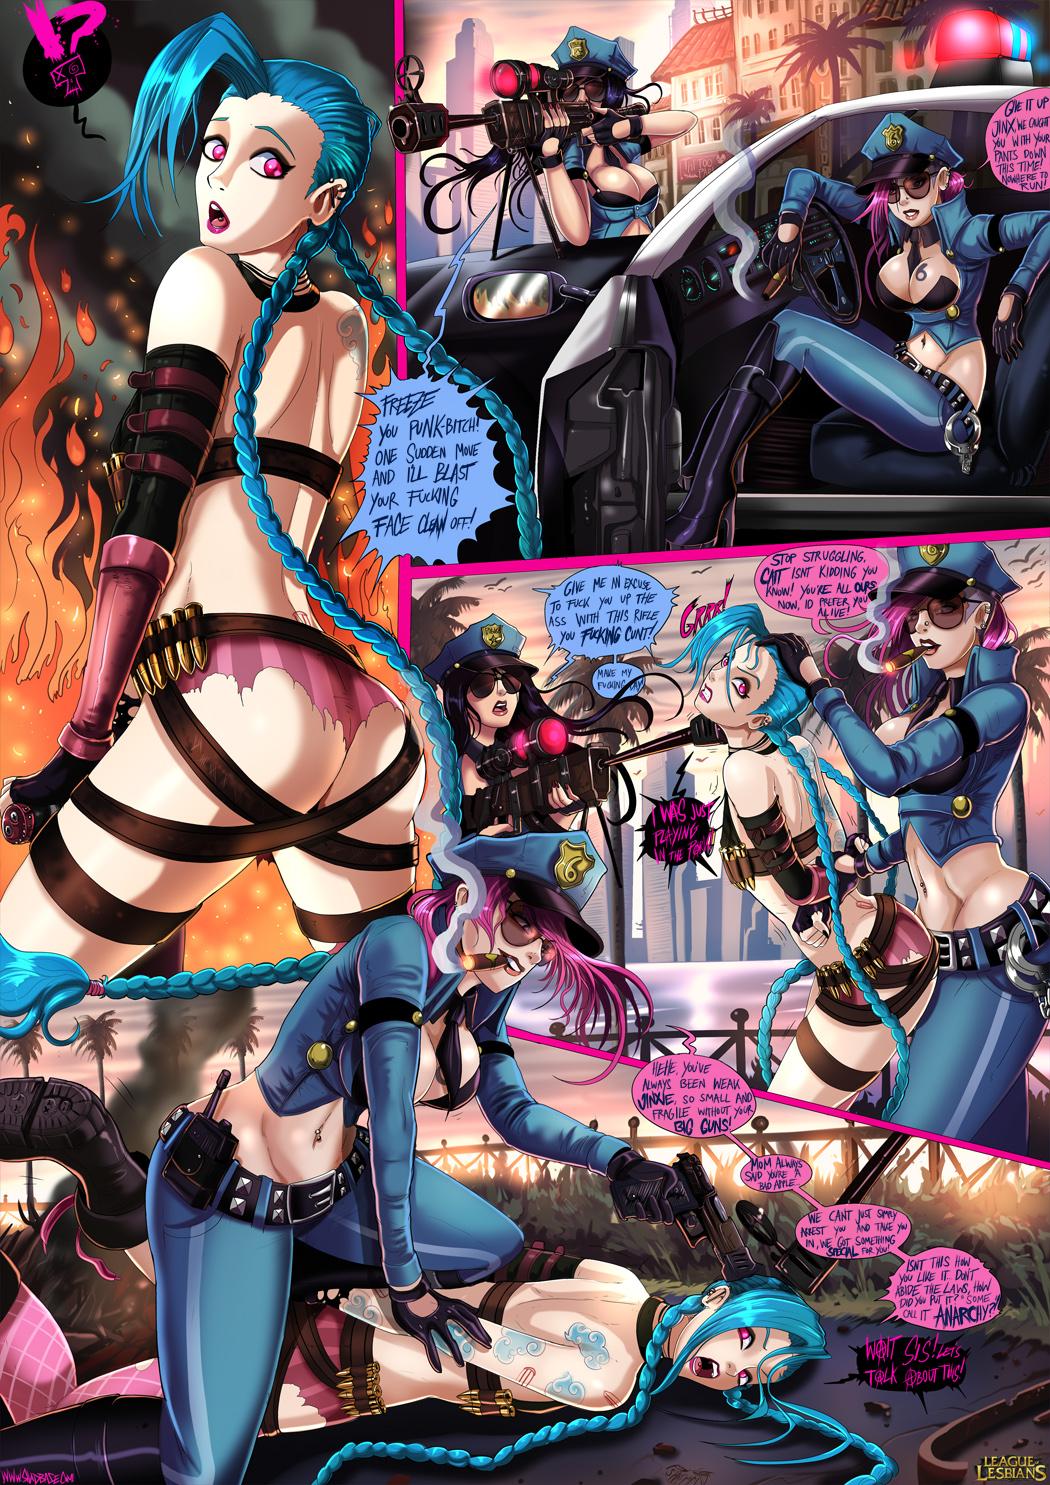 League of Lesbians: Page 3